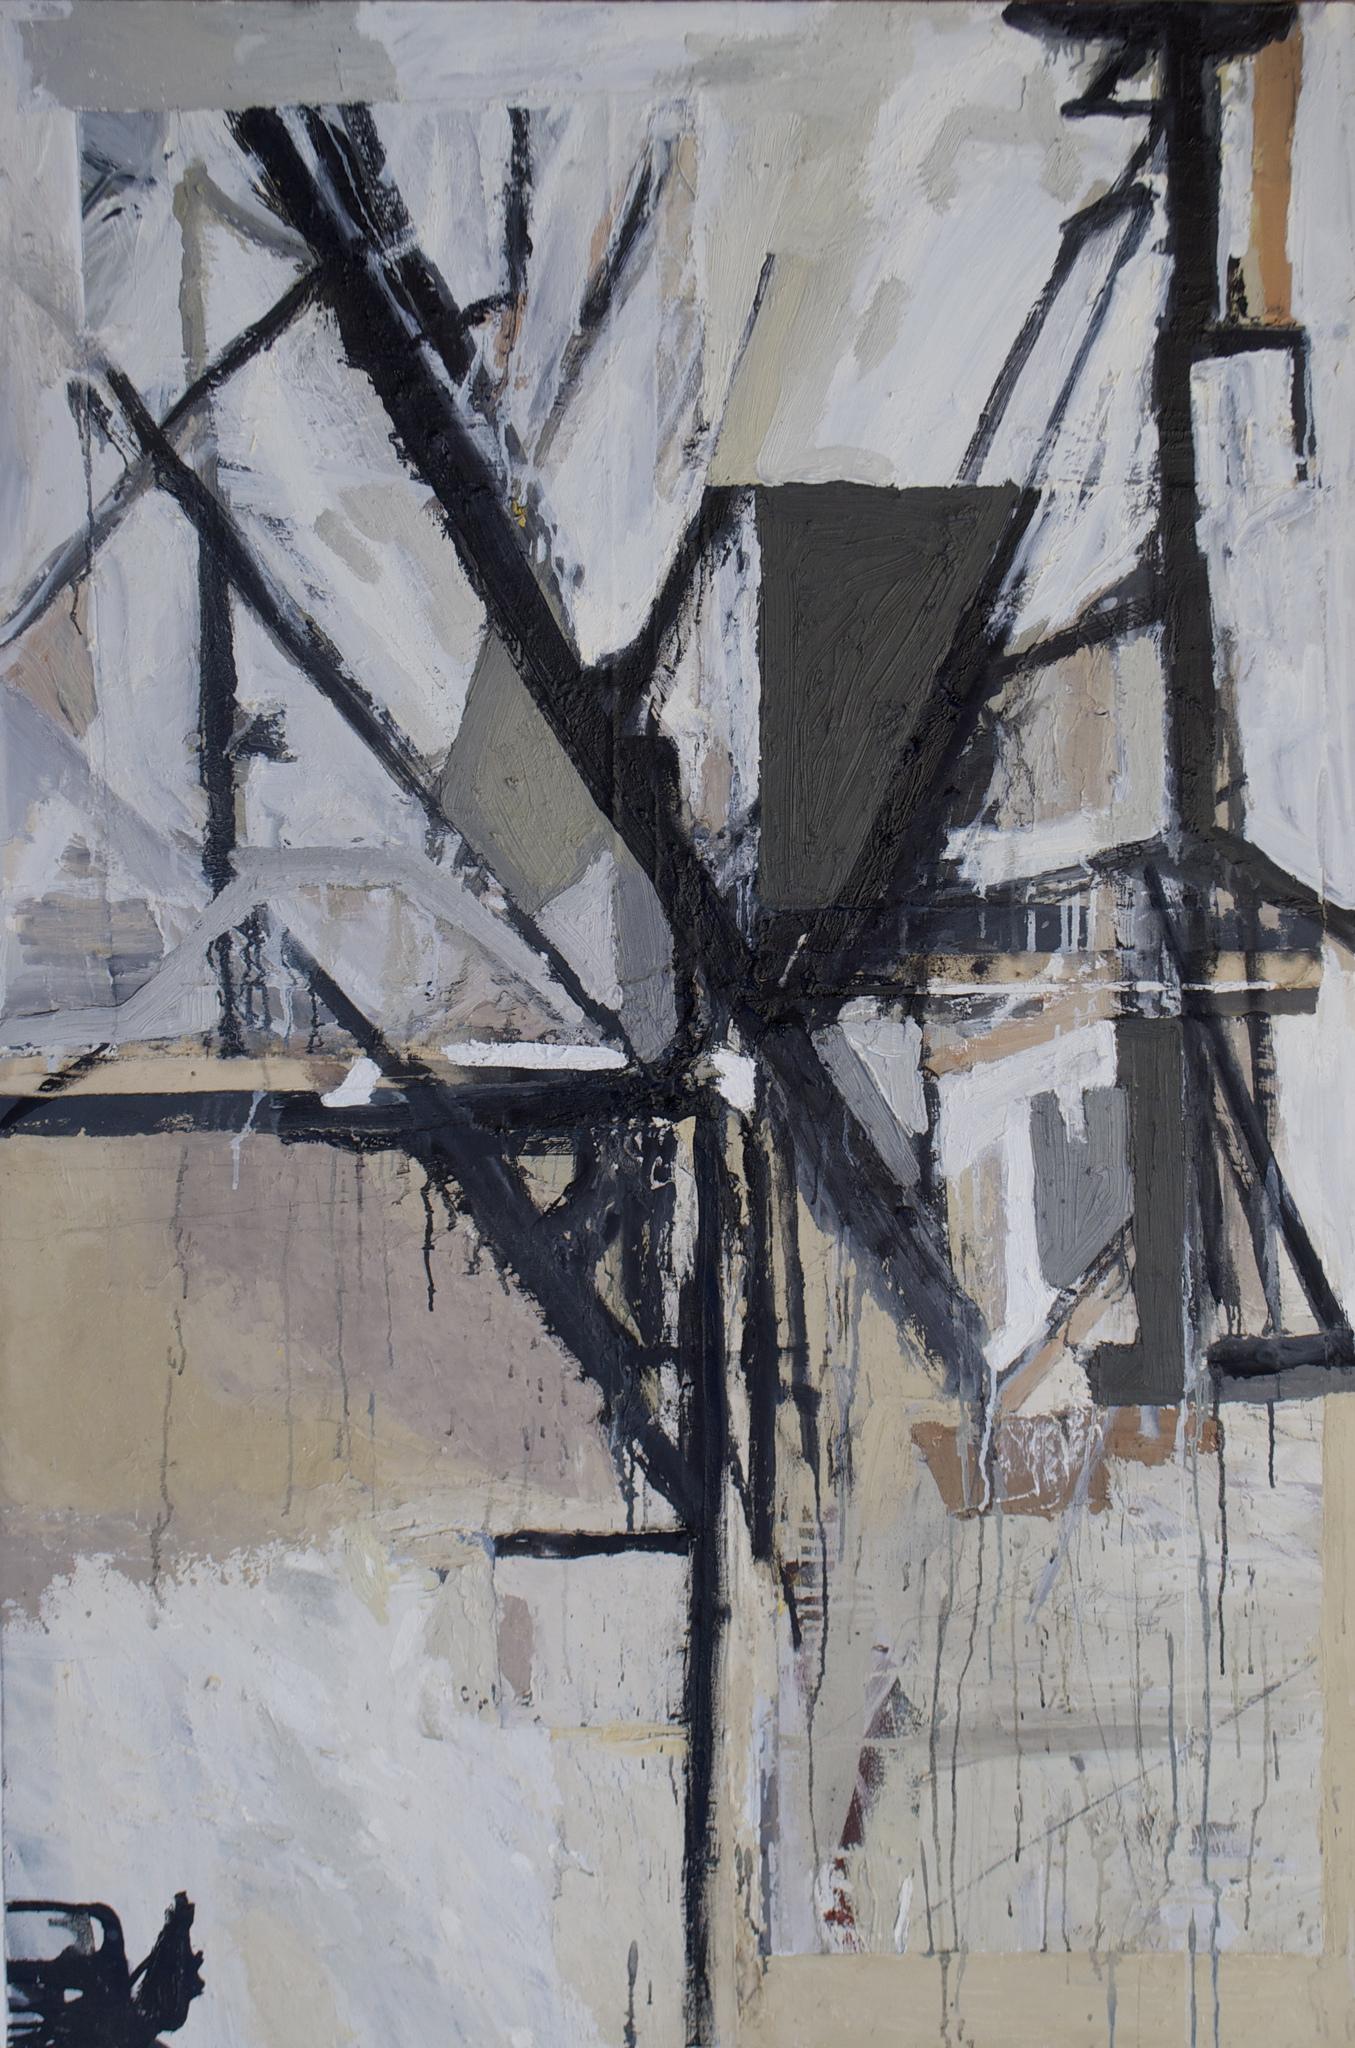 Exposición de pintura no figurativa con obras de Conchita Rivera y Verónica Gómez visita Zapopan